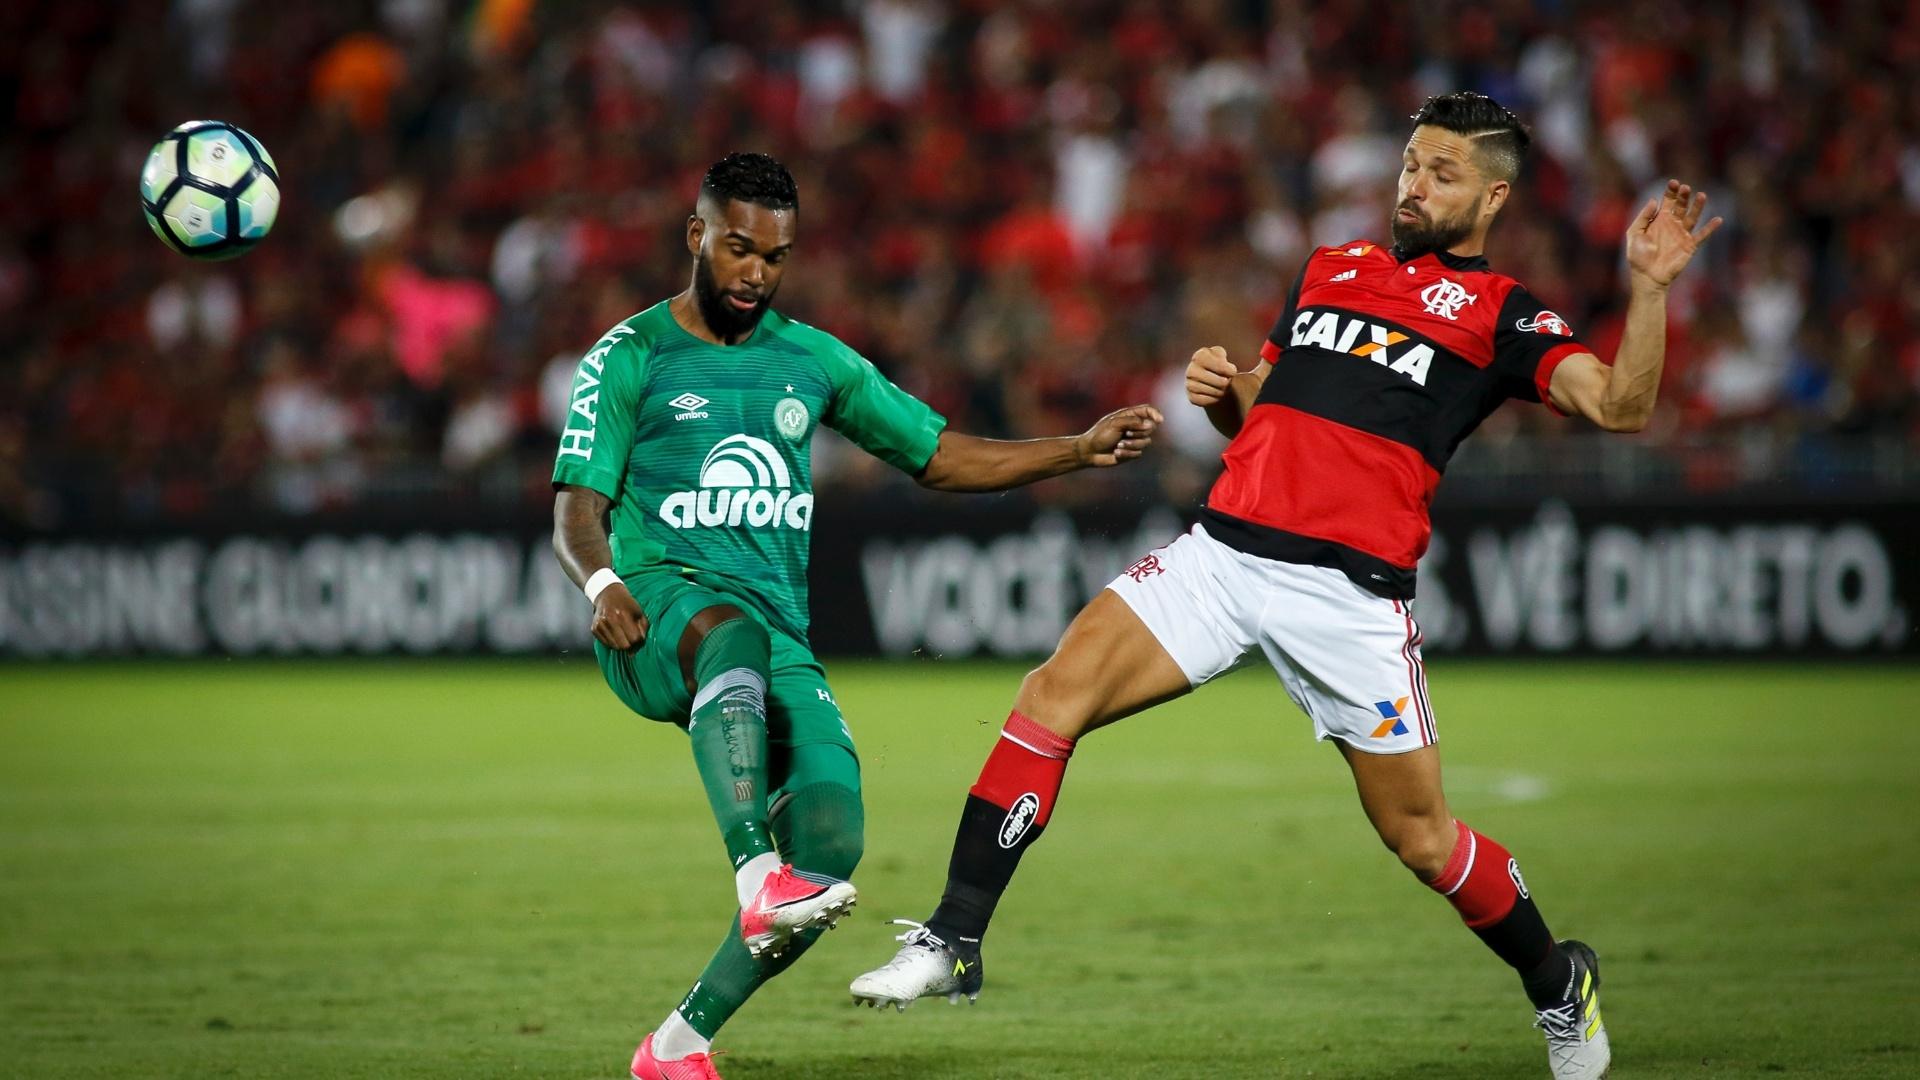 Luiz Antônio divide bola com Diego na partida entre Flamengo e Chapecoense